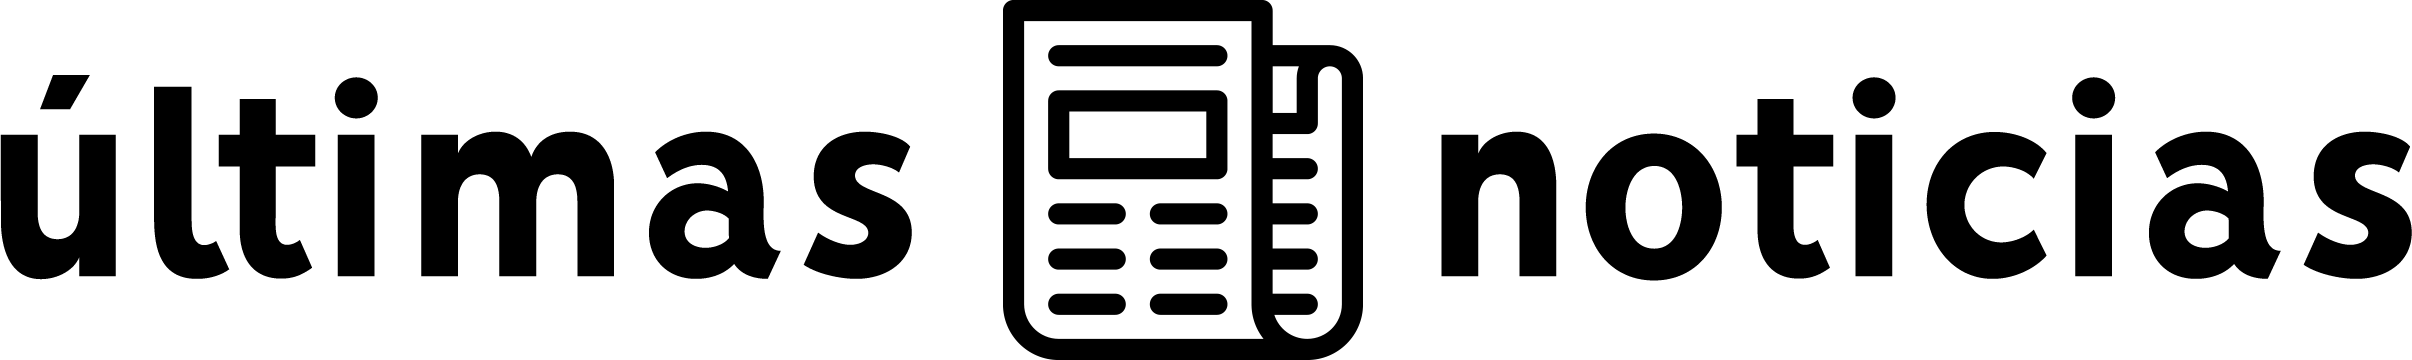 titulo